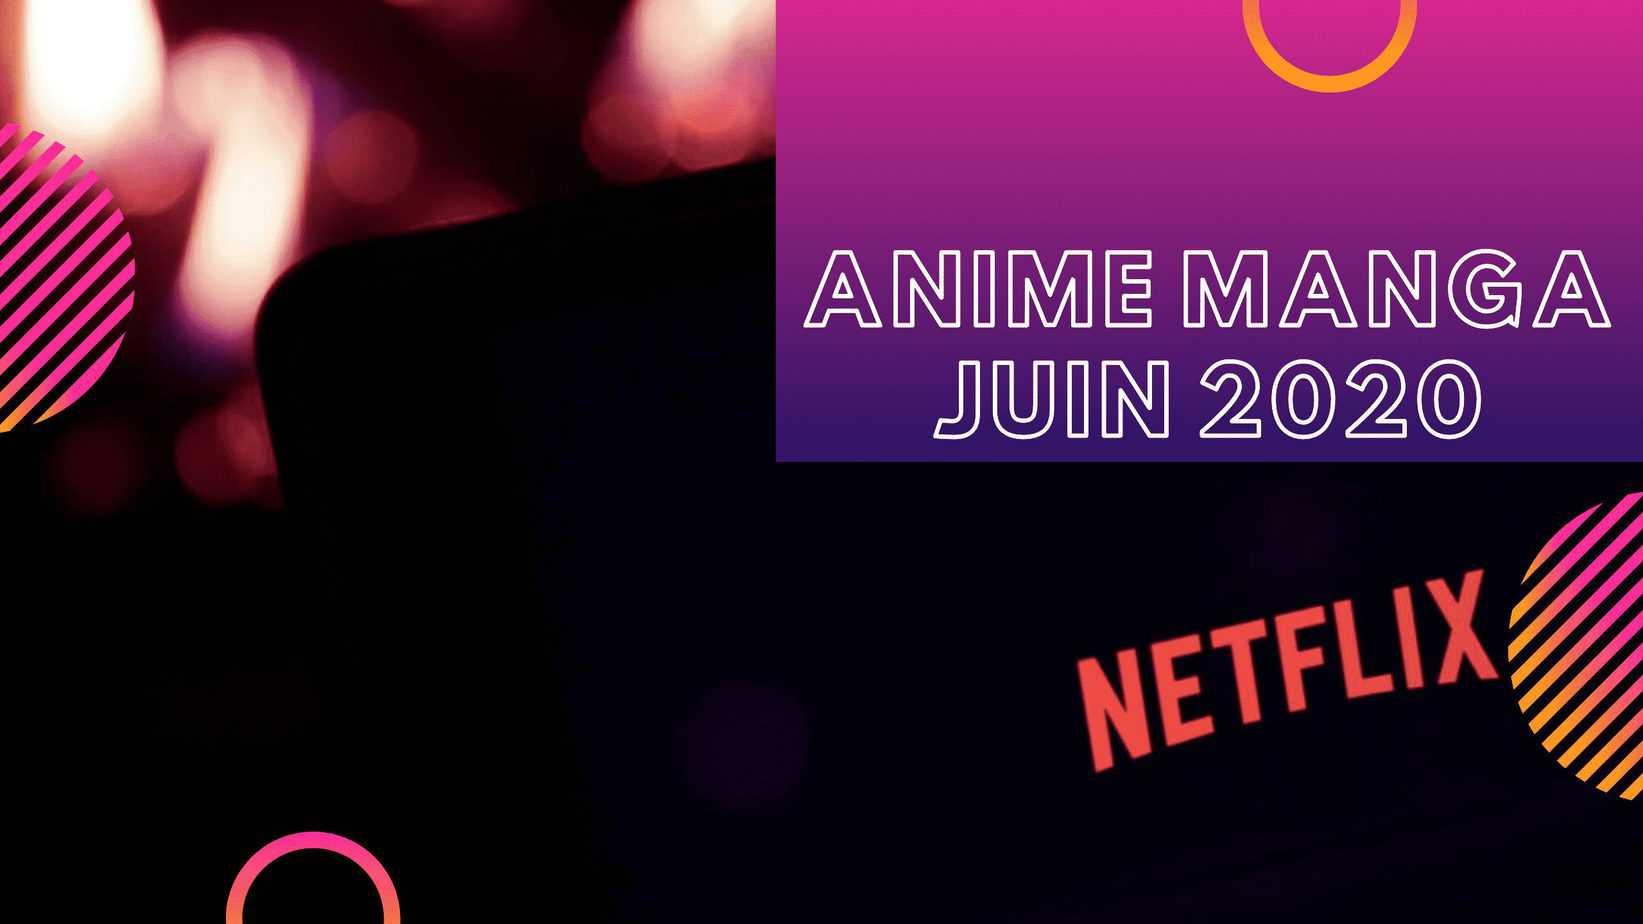 Netflix ajoute plus d'anime en juin 2020 1